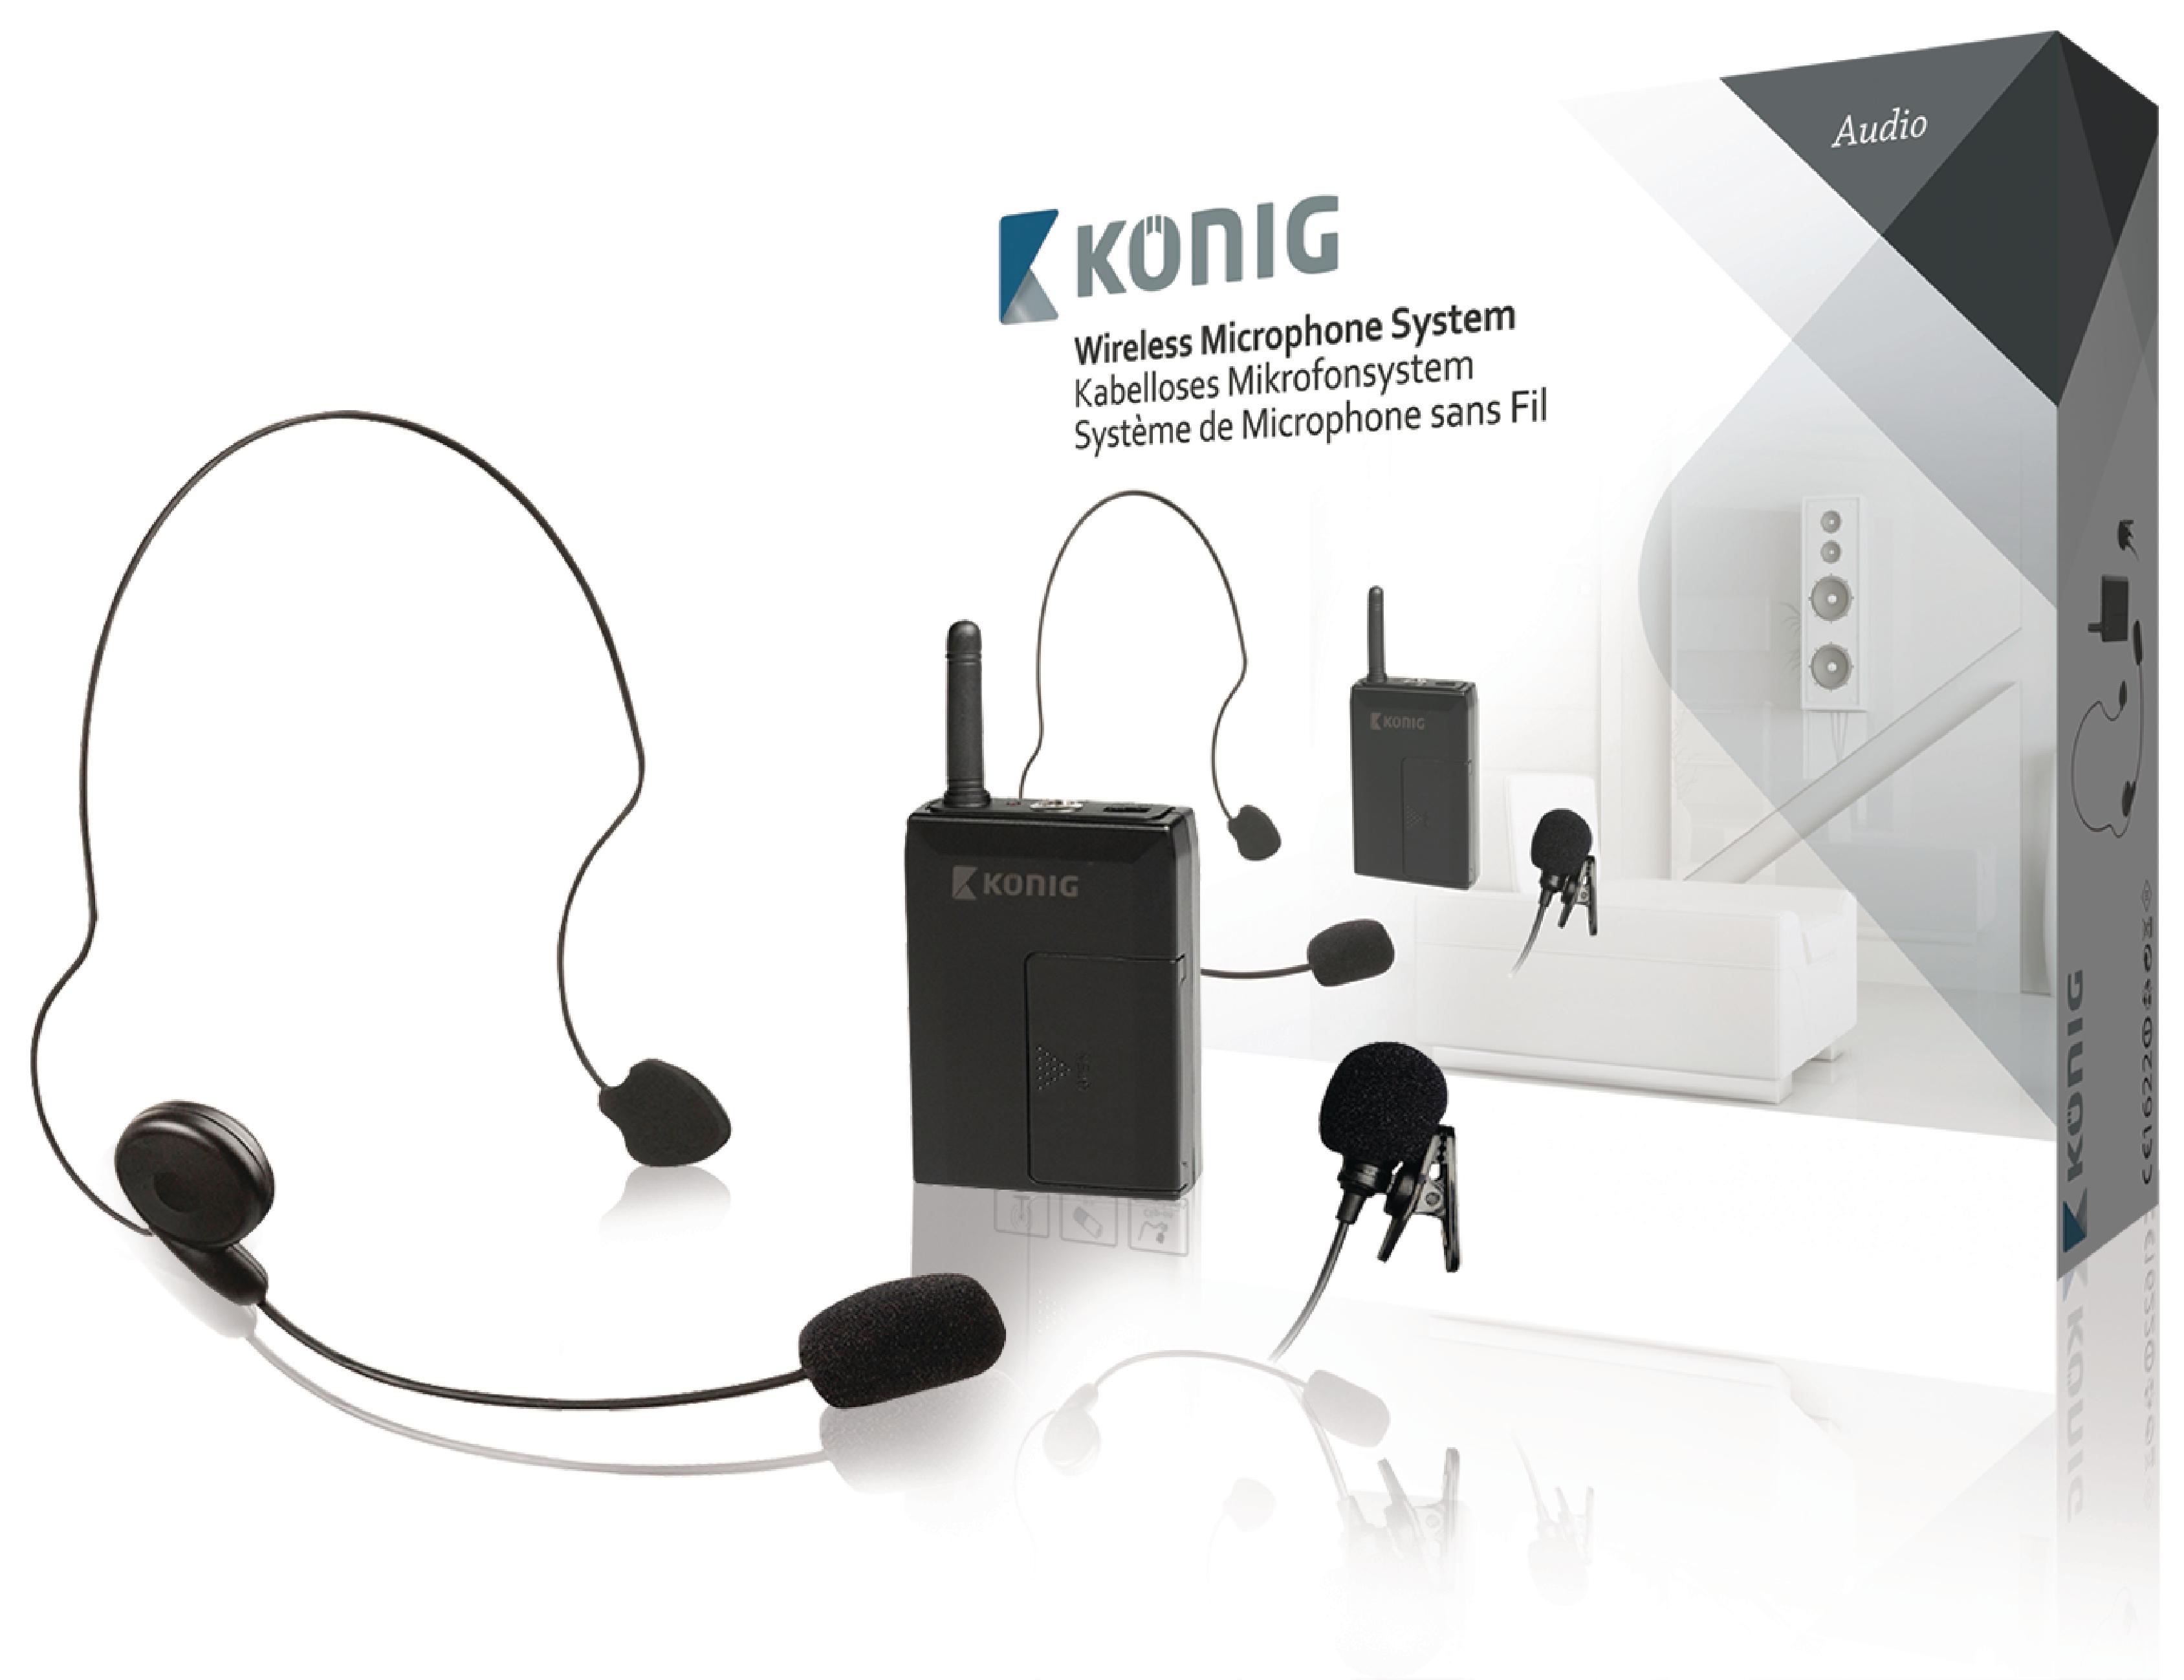 KÖNIG KN-MICW631 PROFESSZIONÁ LIS Vezeték nélküli 2db-os mikrofon szett  (opció a 24d778a49a